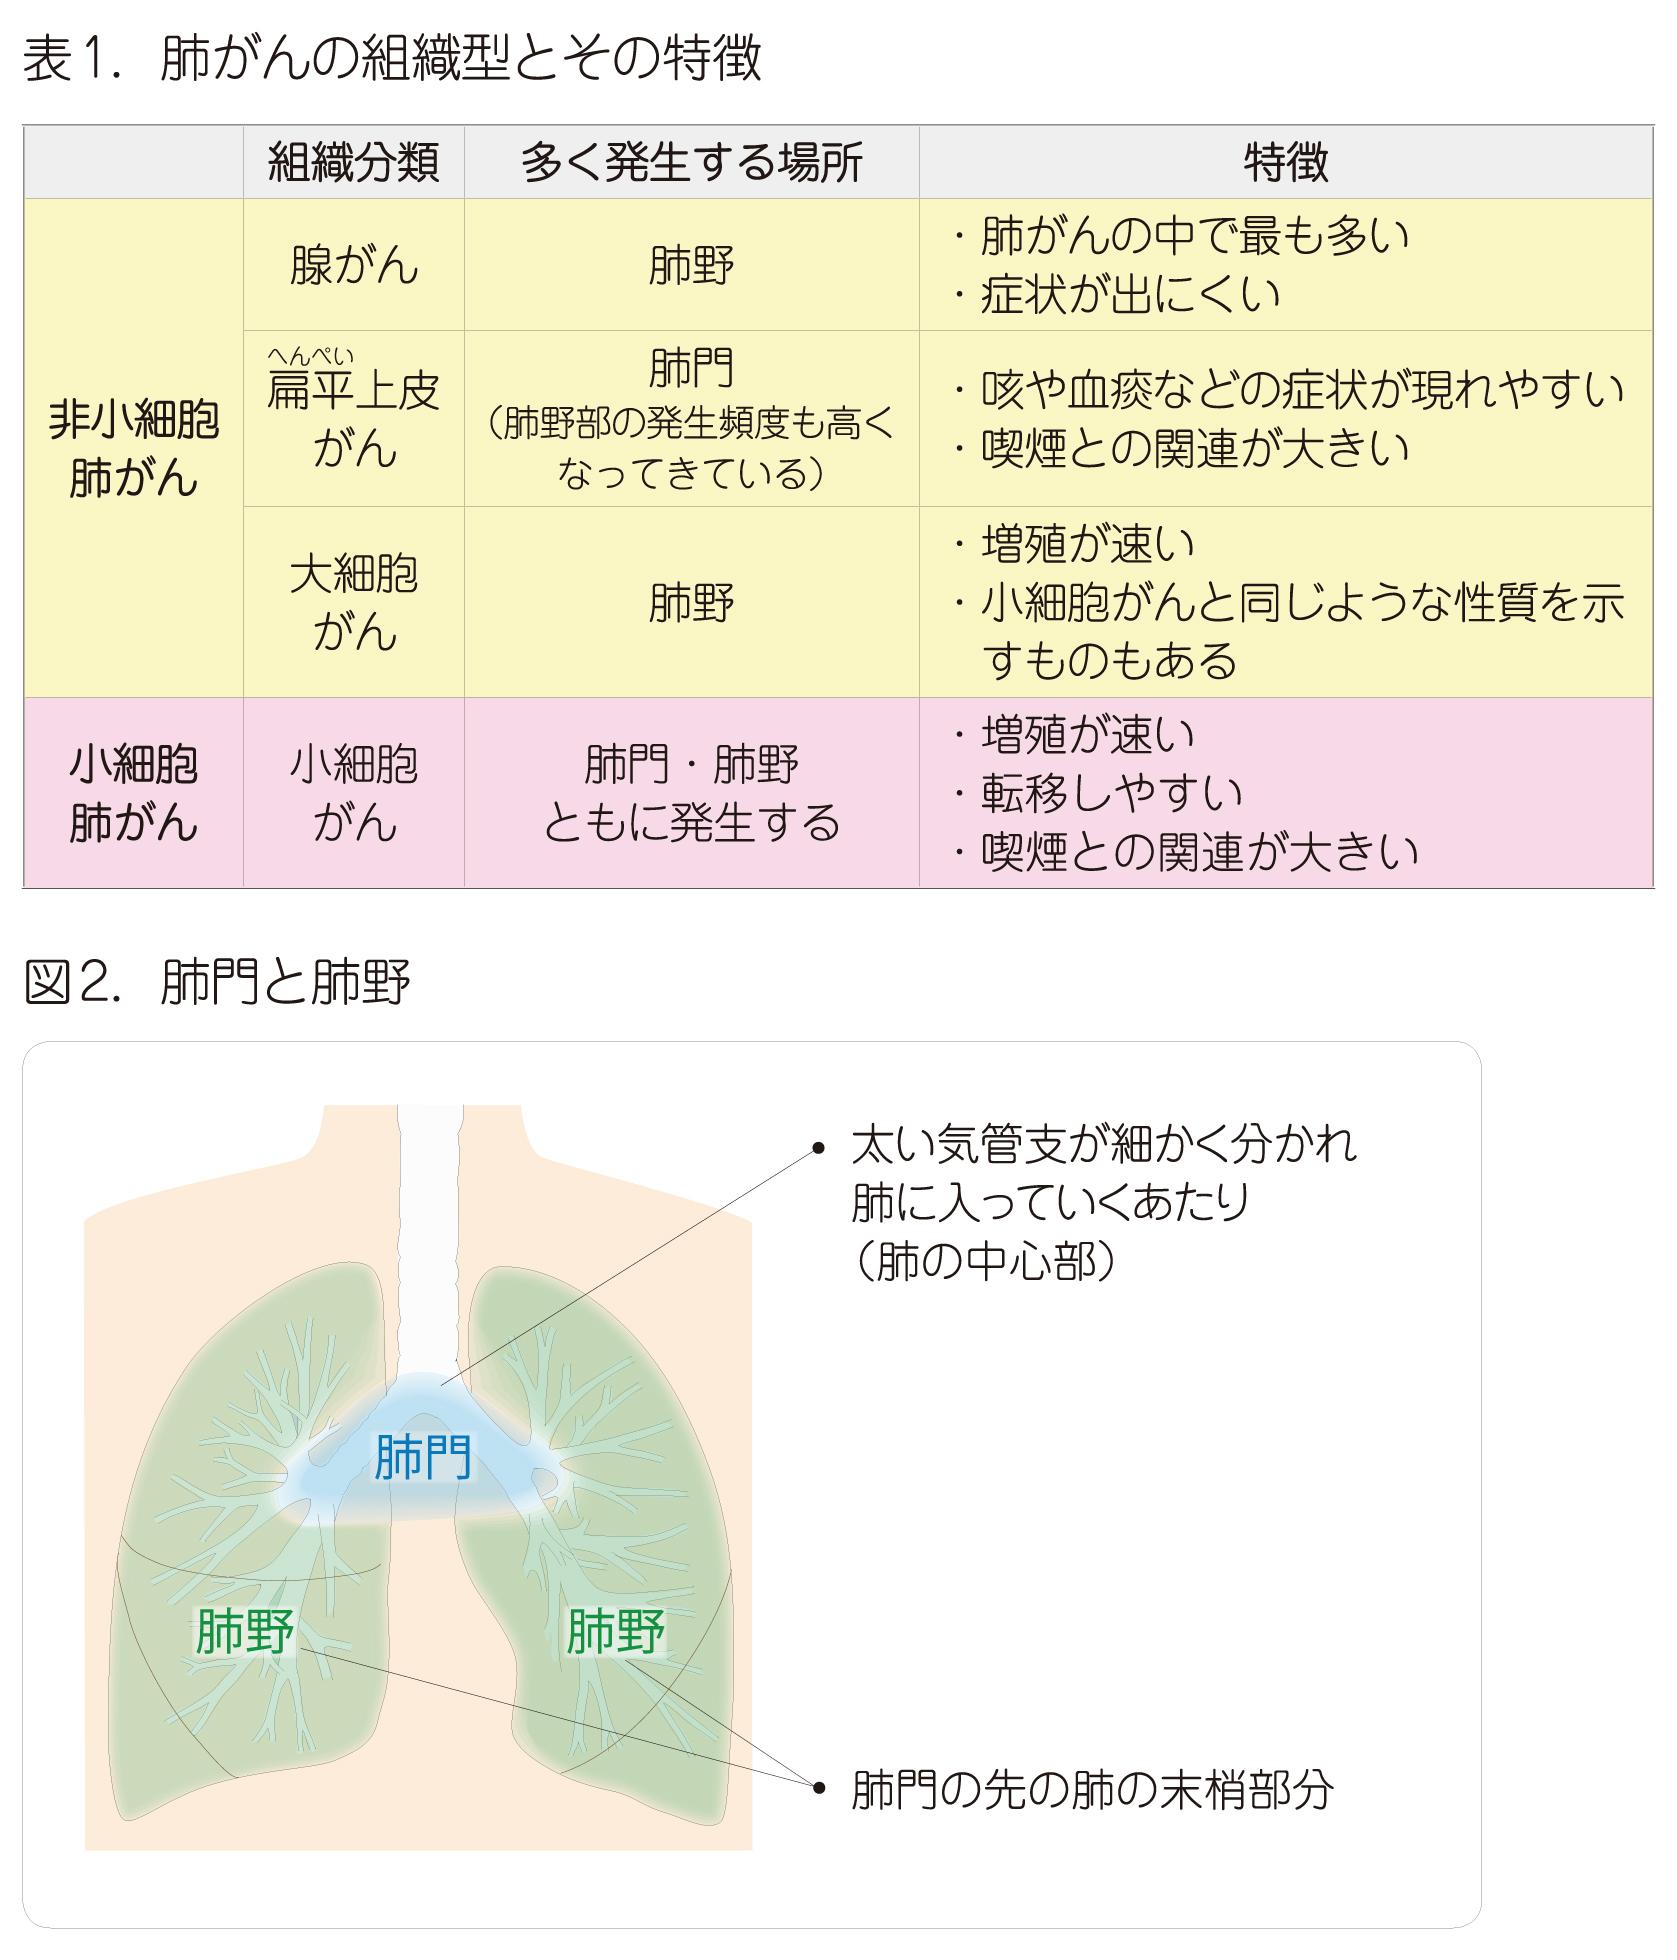 胸 コロナ の 痛み ウイルス